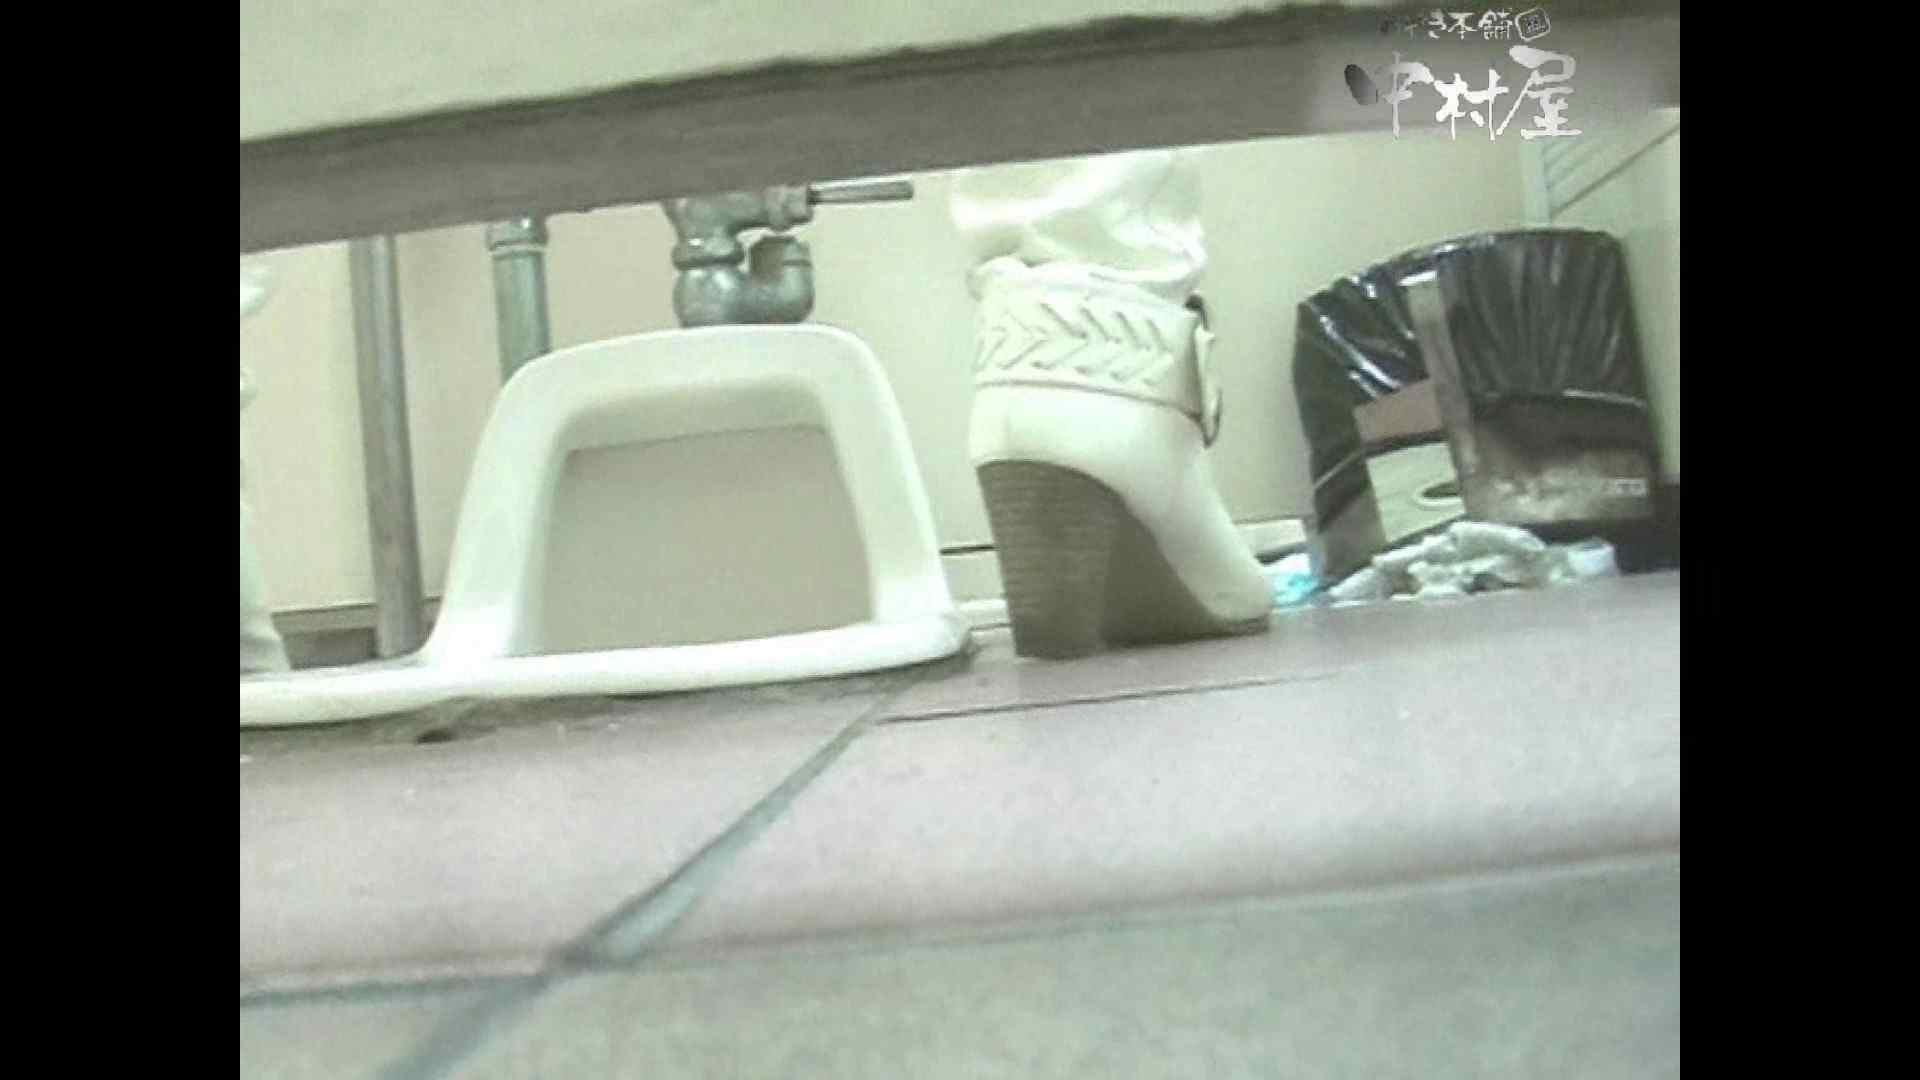 岩手県在住盗撮師盗撮記録vol.37 女体盗撮 のぞき動画画像 86連発 33